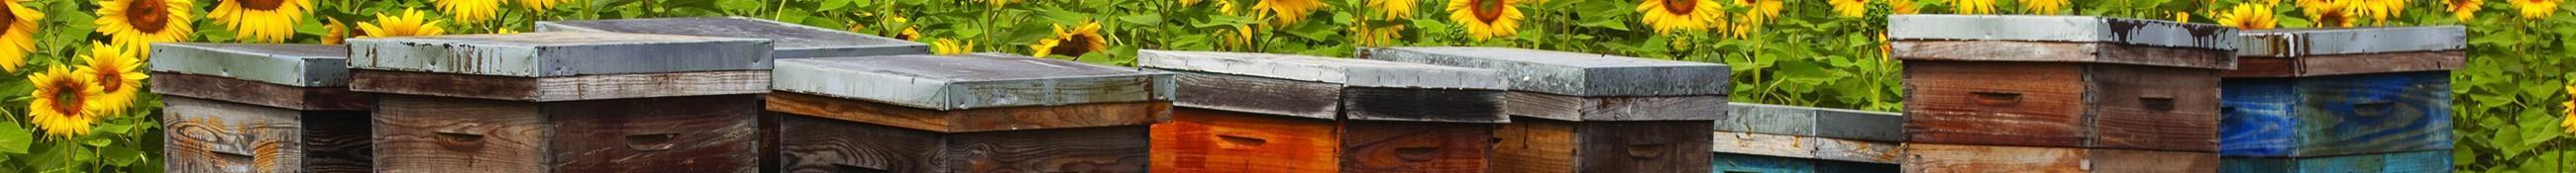 Récoltes (miel, propolis, pollen)